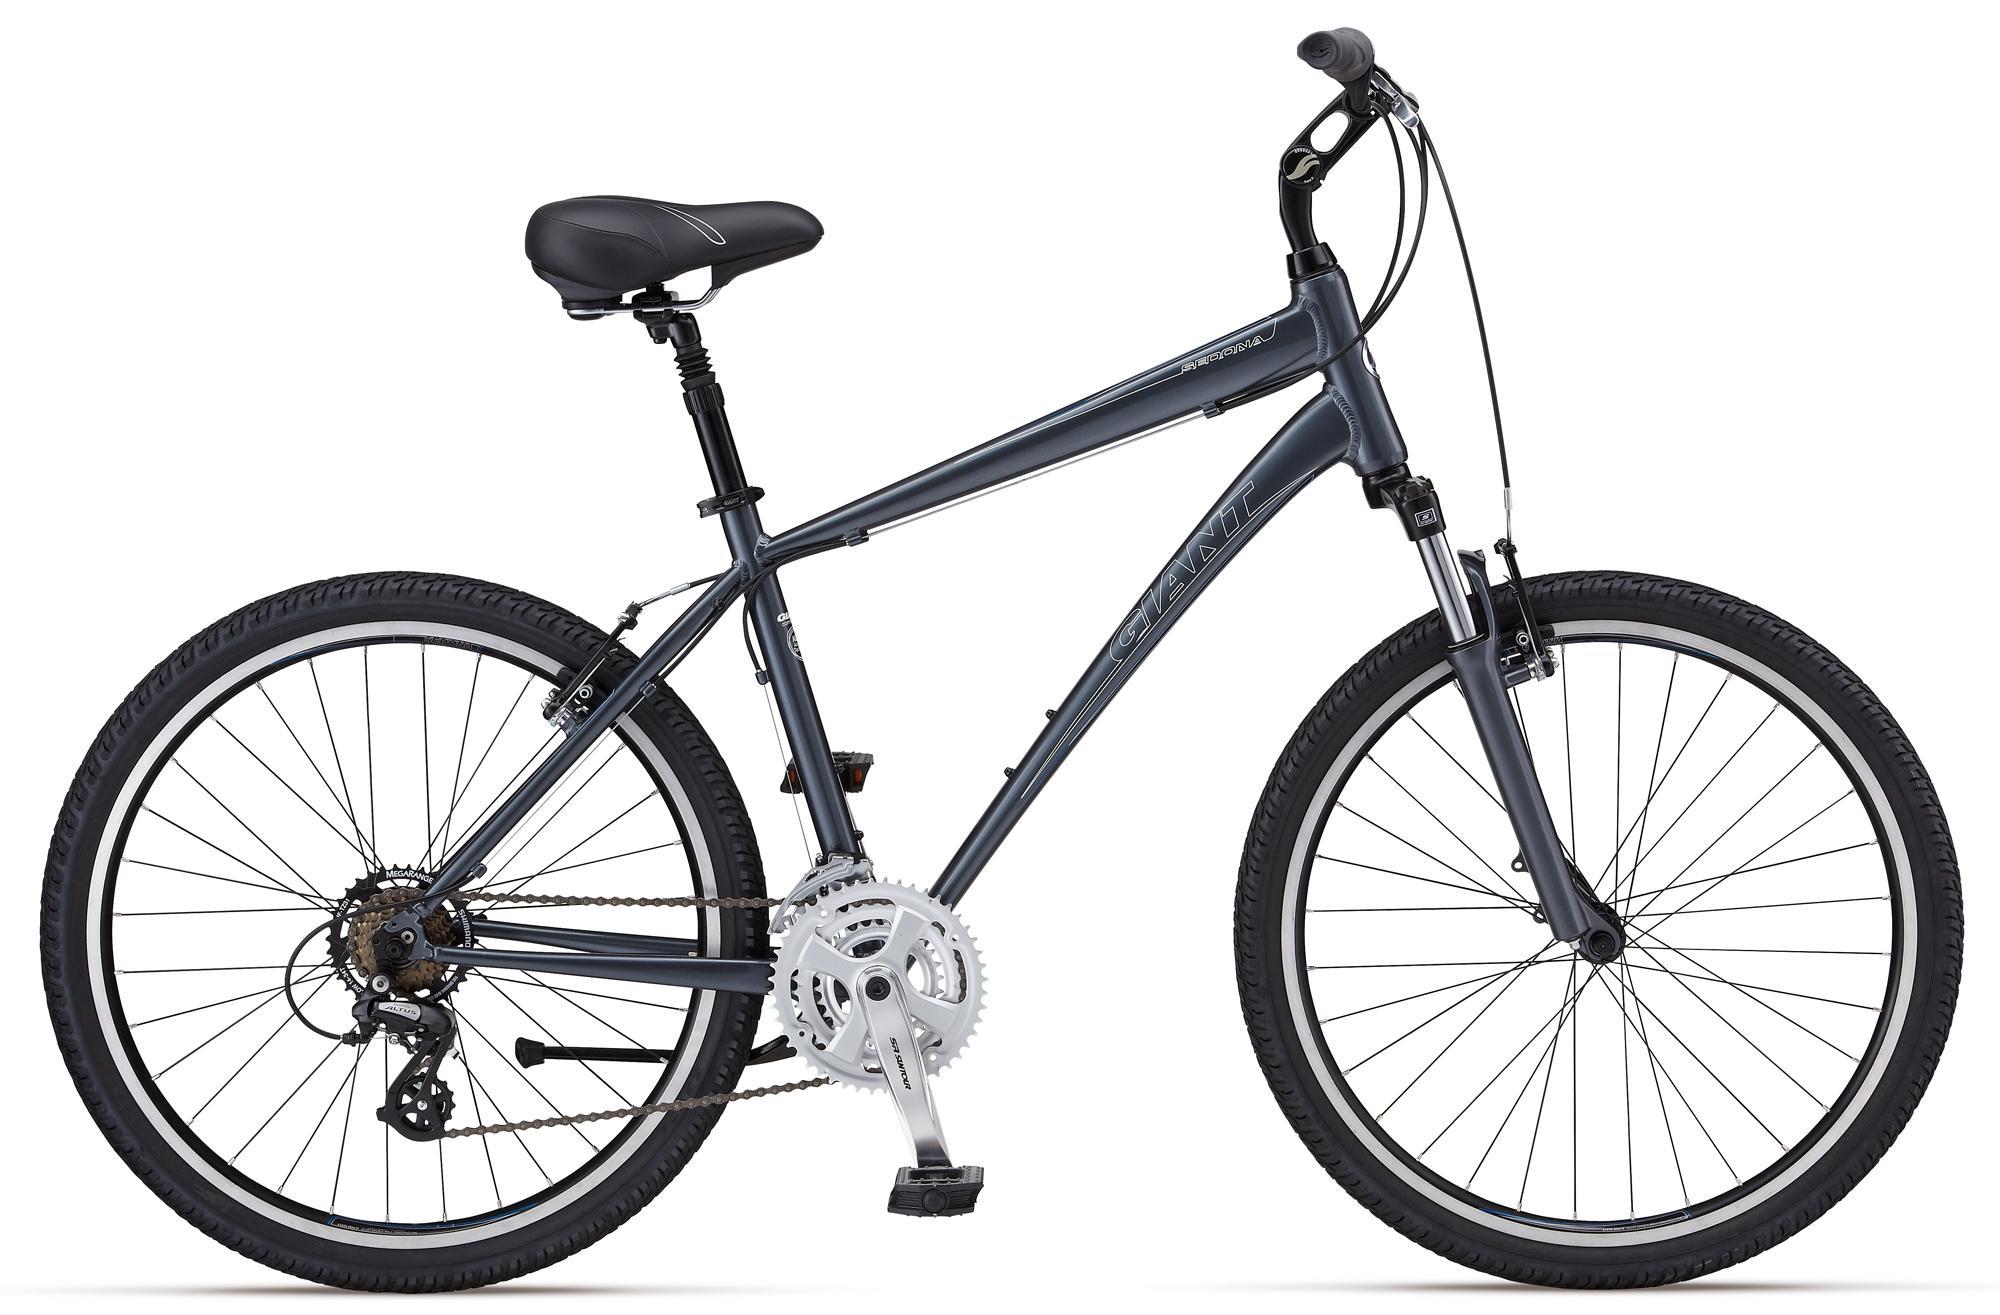 2012 Giant Sedona Used Double O Bikesdouble O Bikes